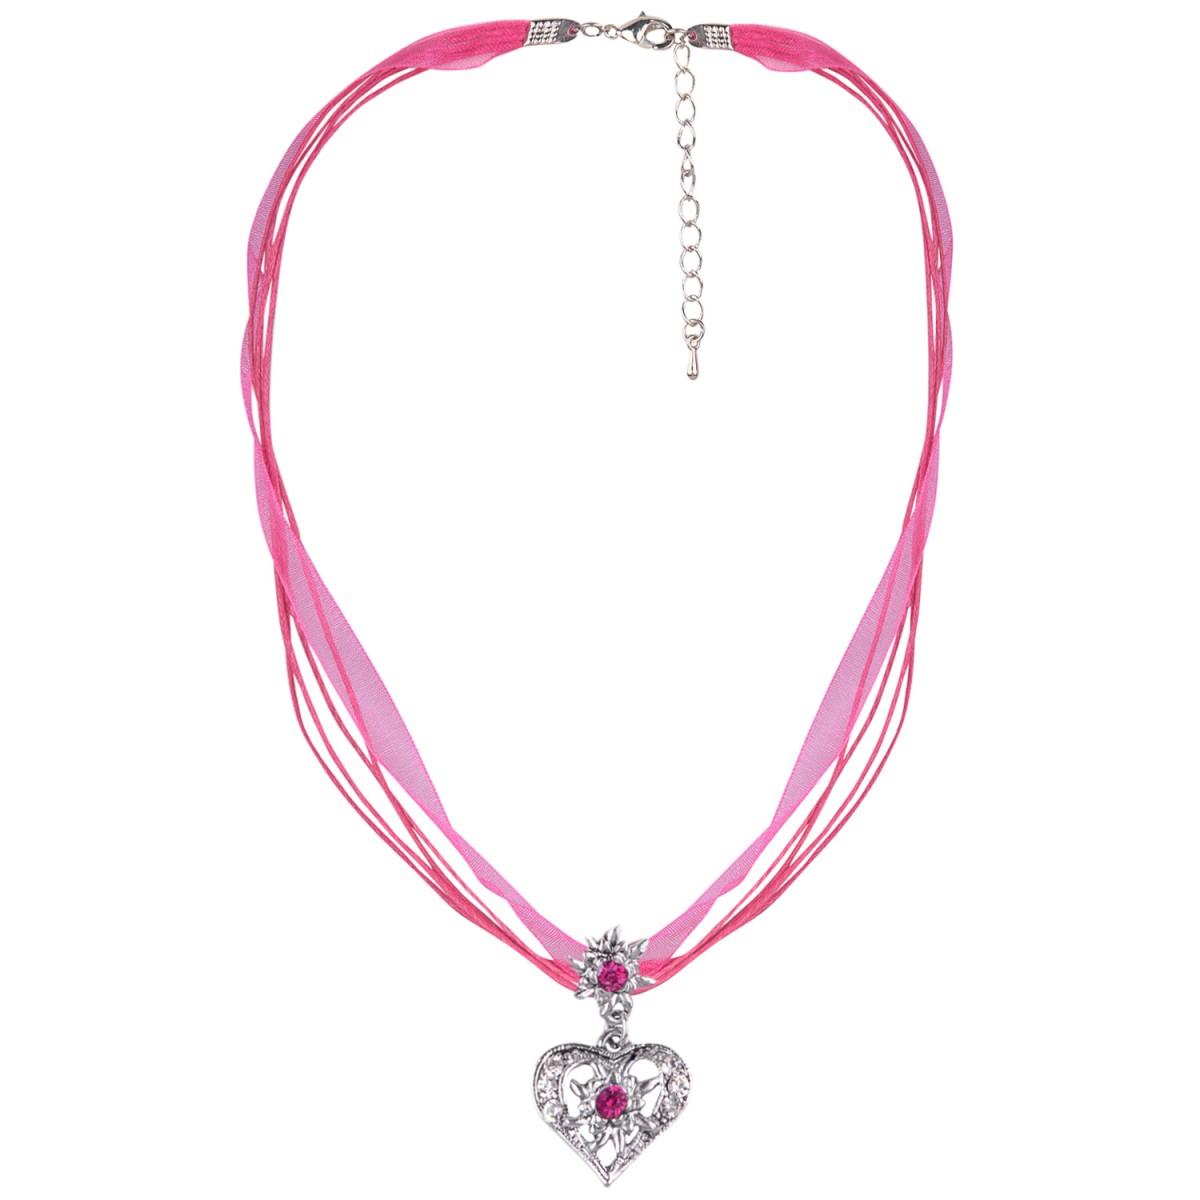 Halskette in Pink mit 4 Bändern und Herzanhänger von Schlick Accessoires